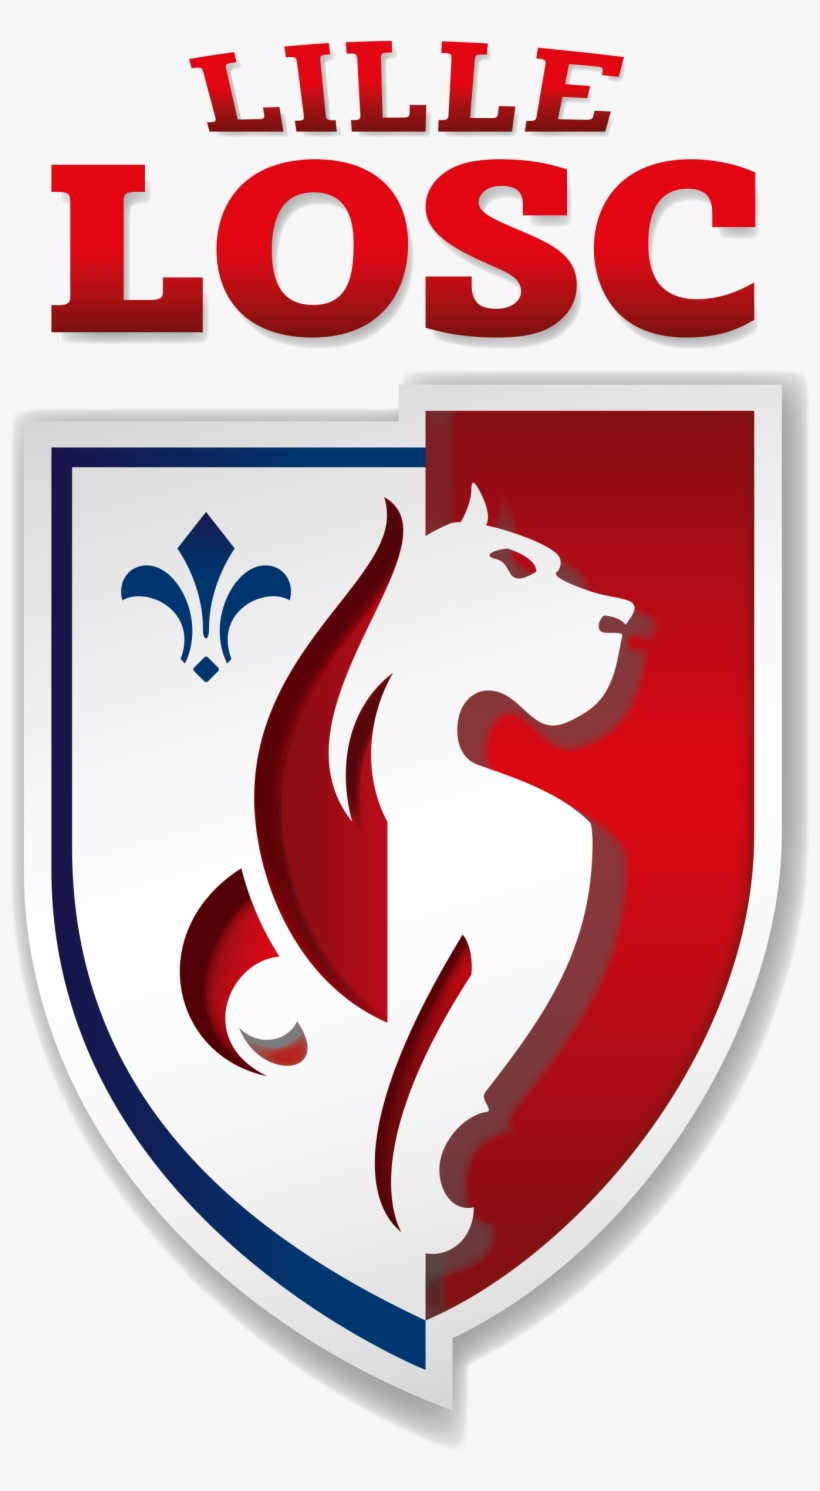 Arrive A Lille En Provenance Du Paris Saint Germain Losc Lille New Logo Free Transparent Png Download Pngkey